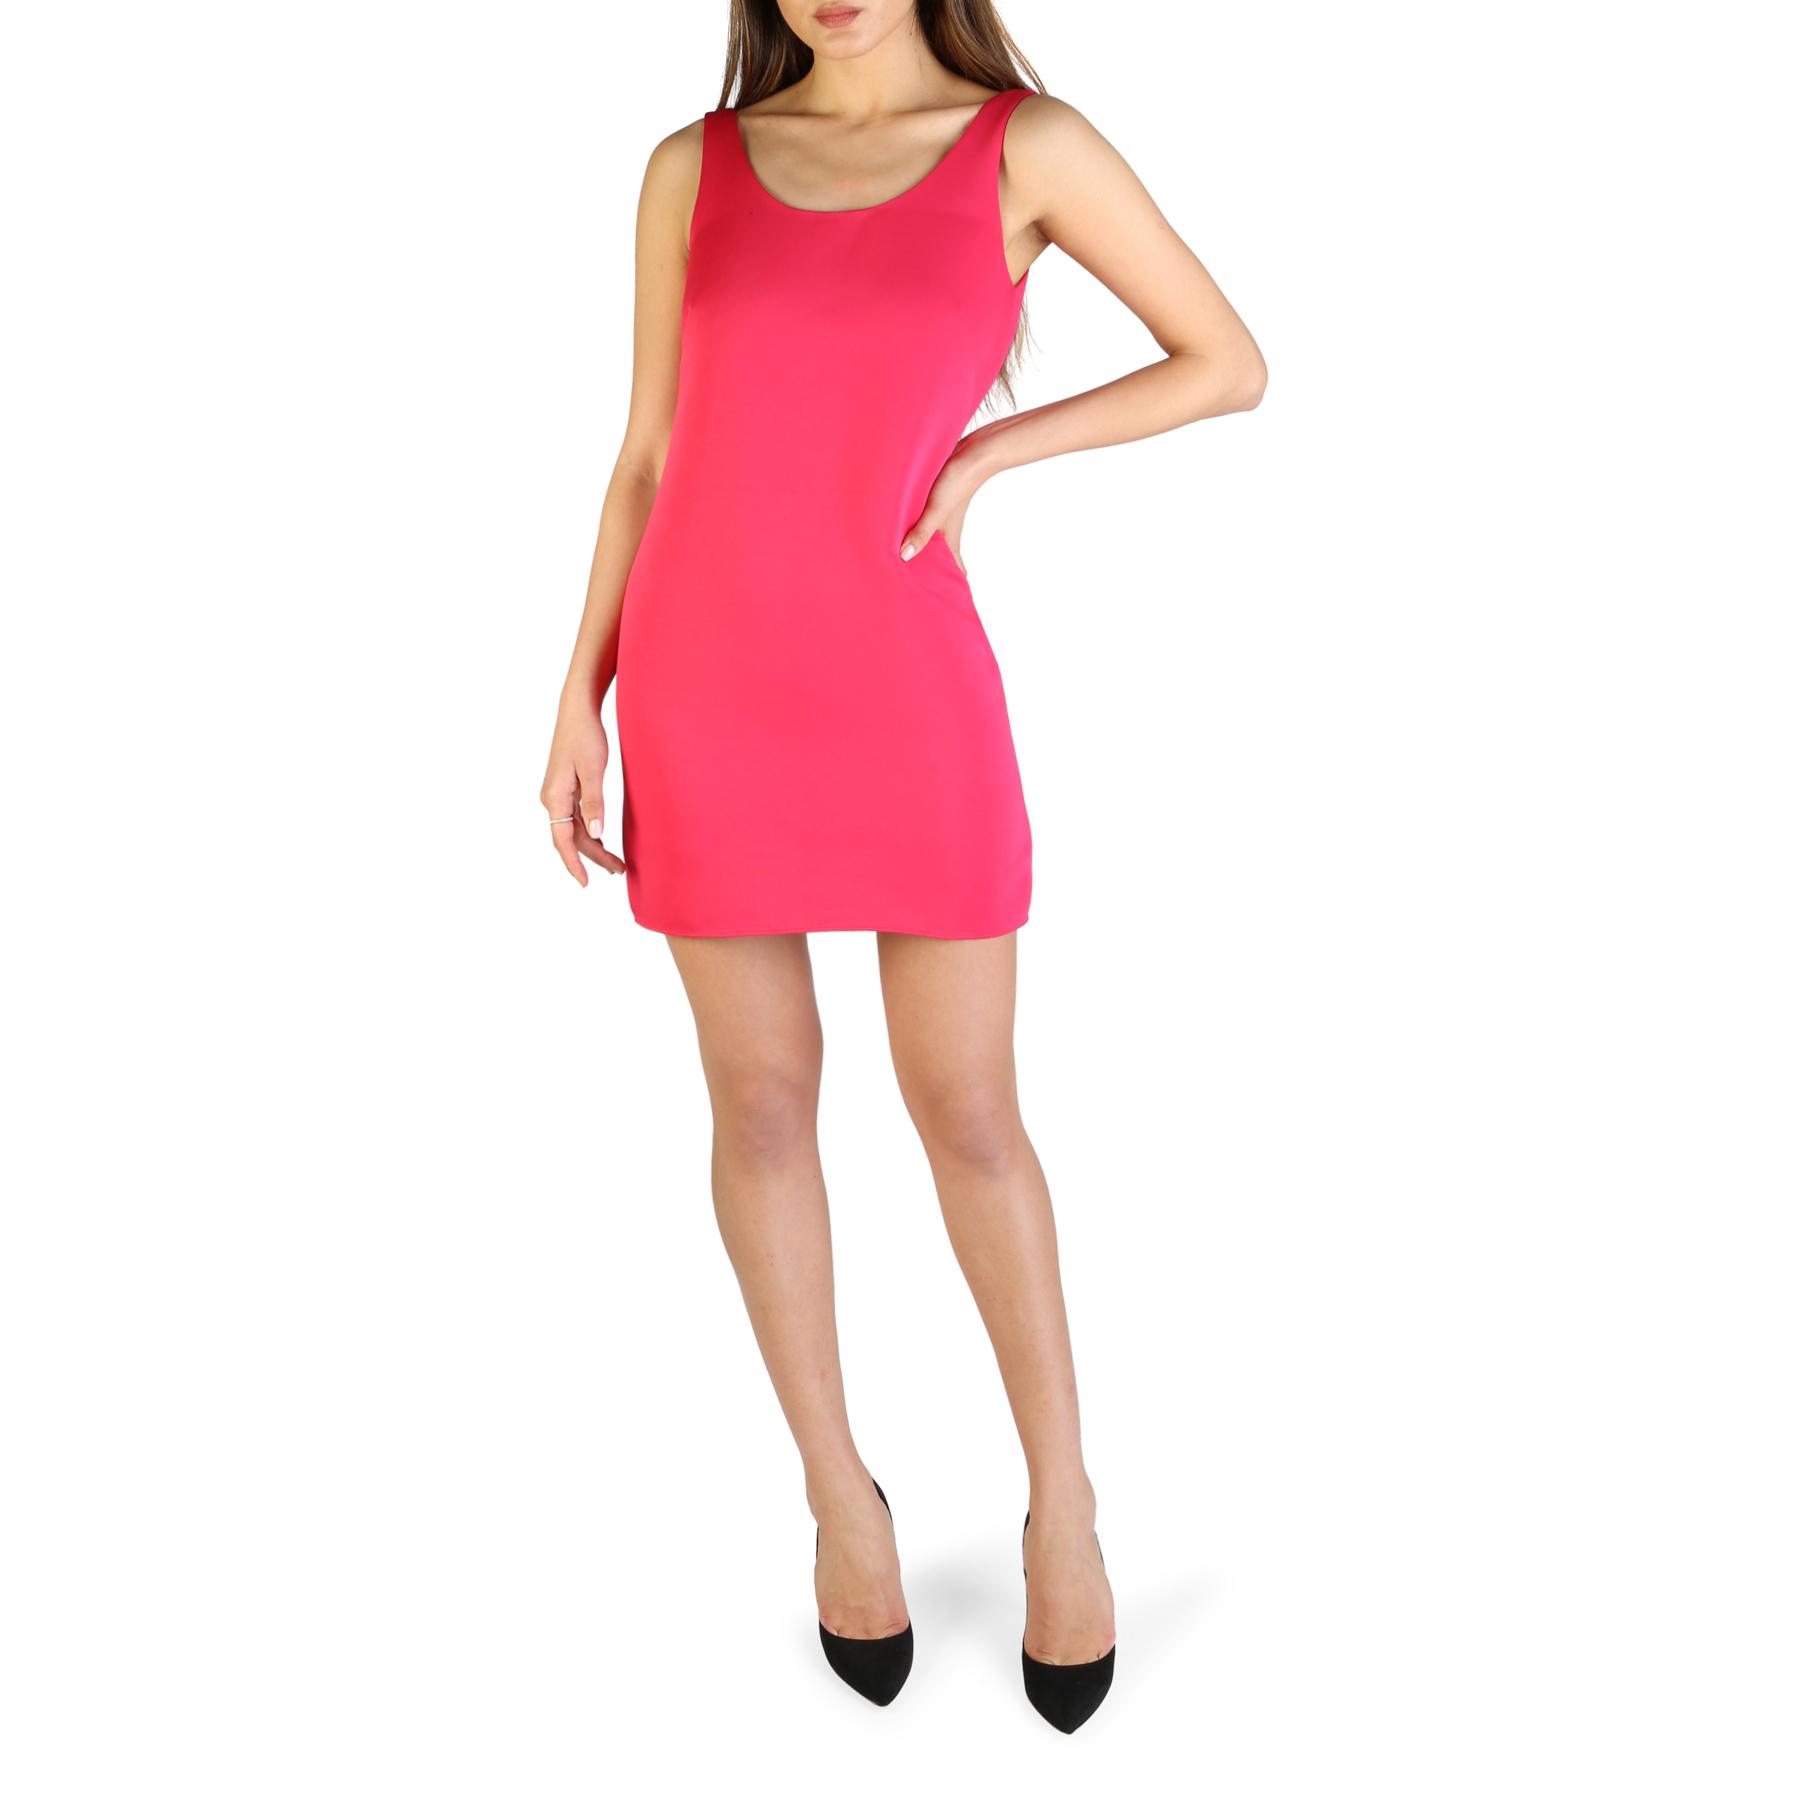 Armani Exchange - 3ZYA16_YNBAZ - Pink